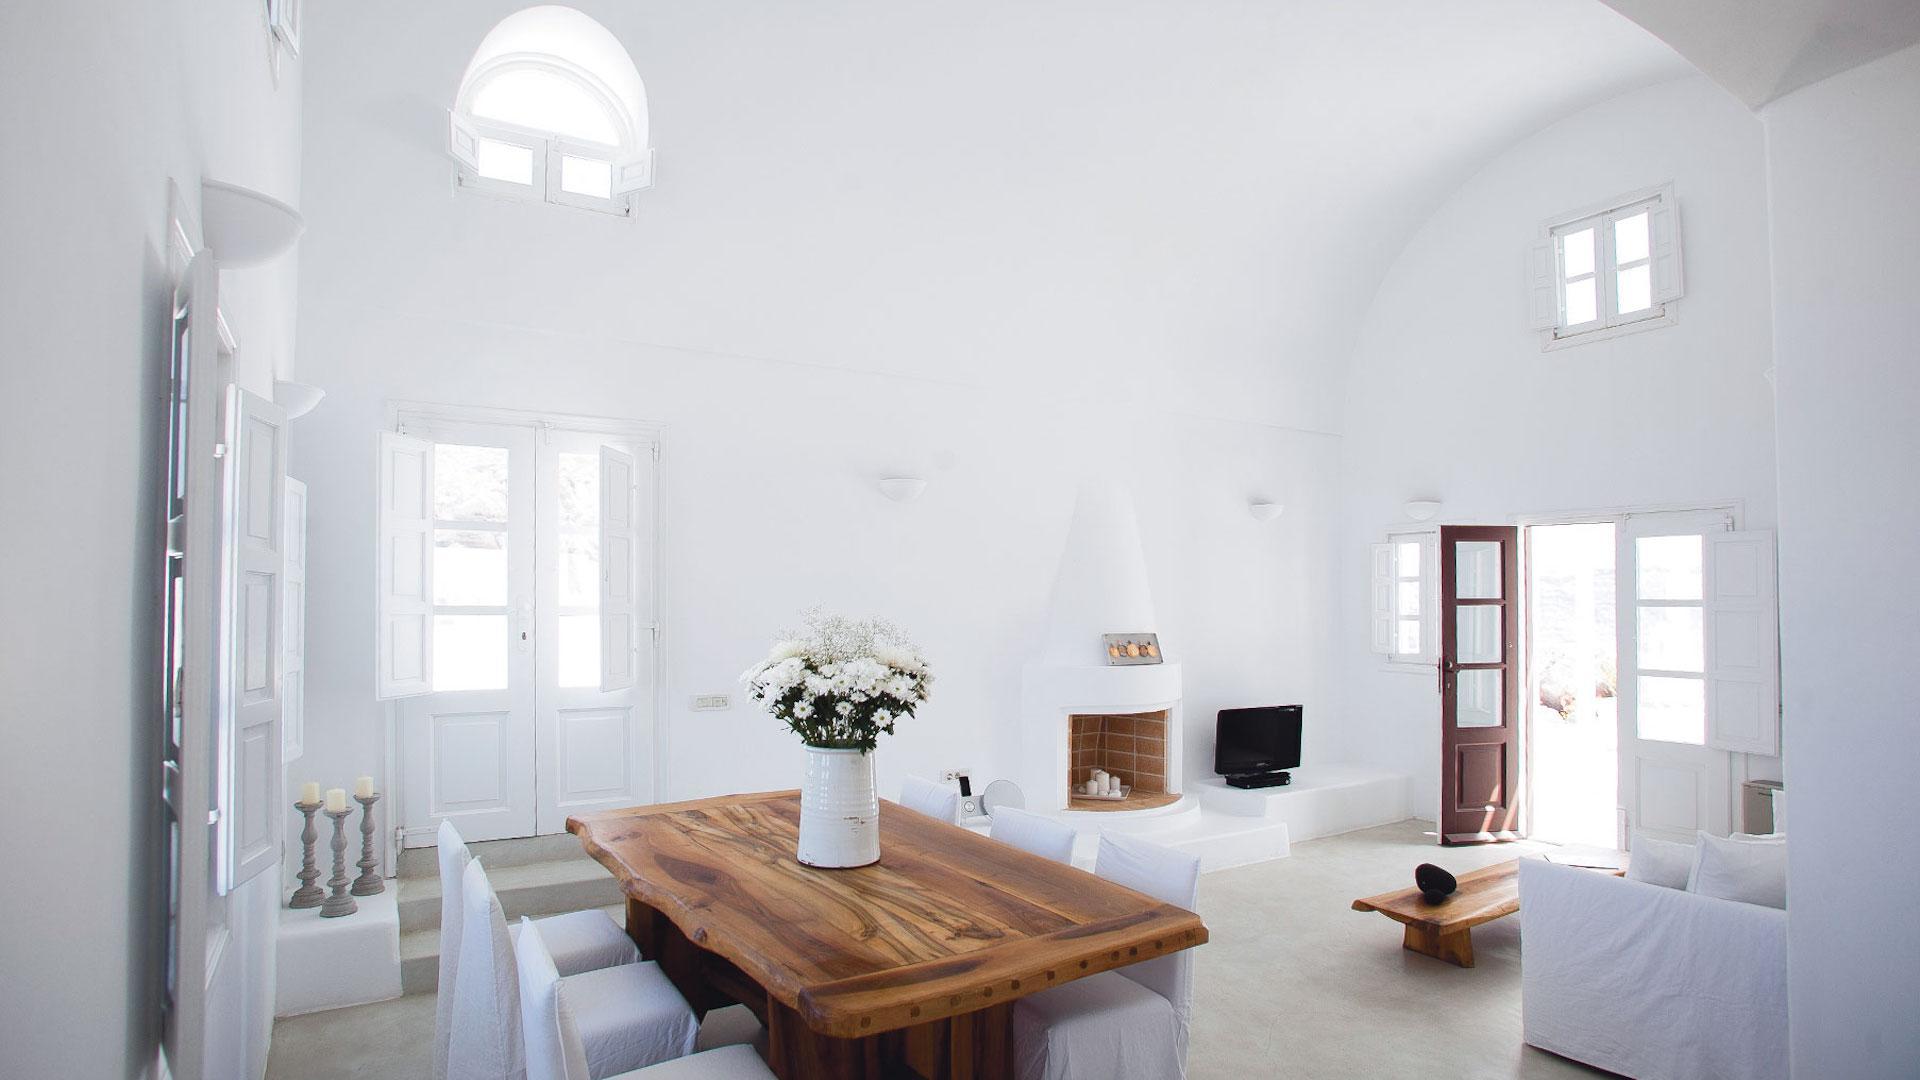 aenaon-villas-grecia-hotel-mas-romantico-mundo-27112016-in2